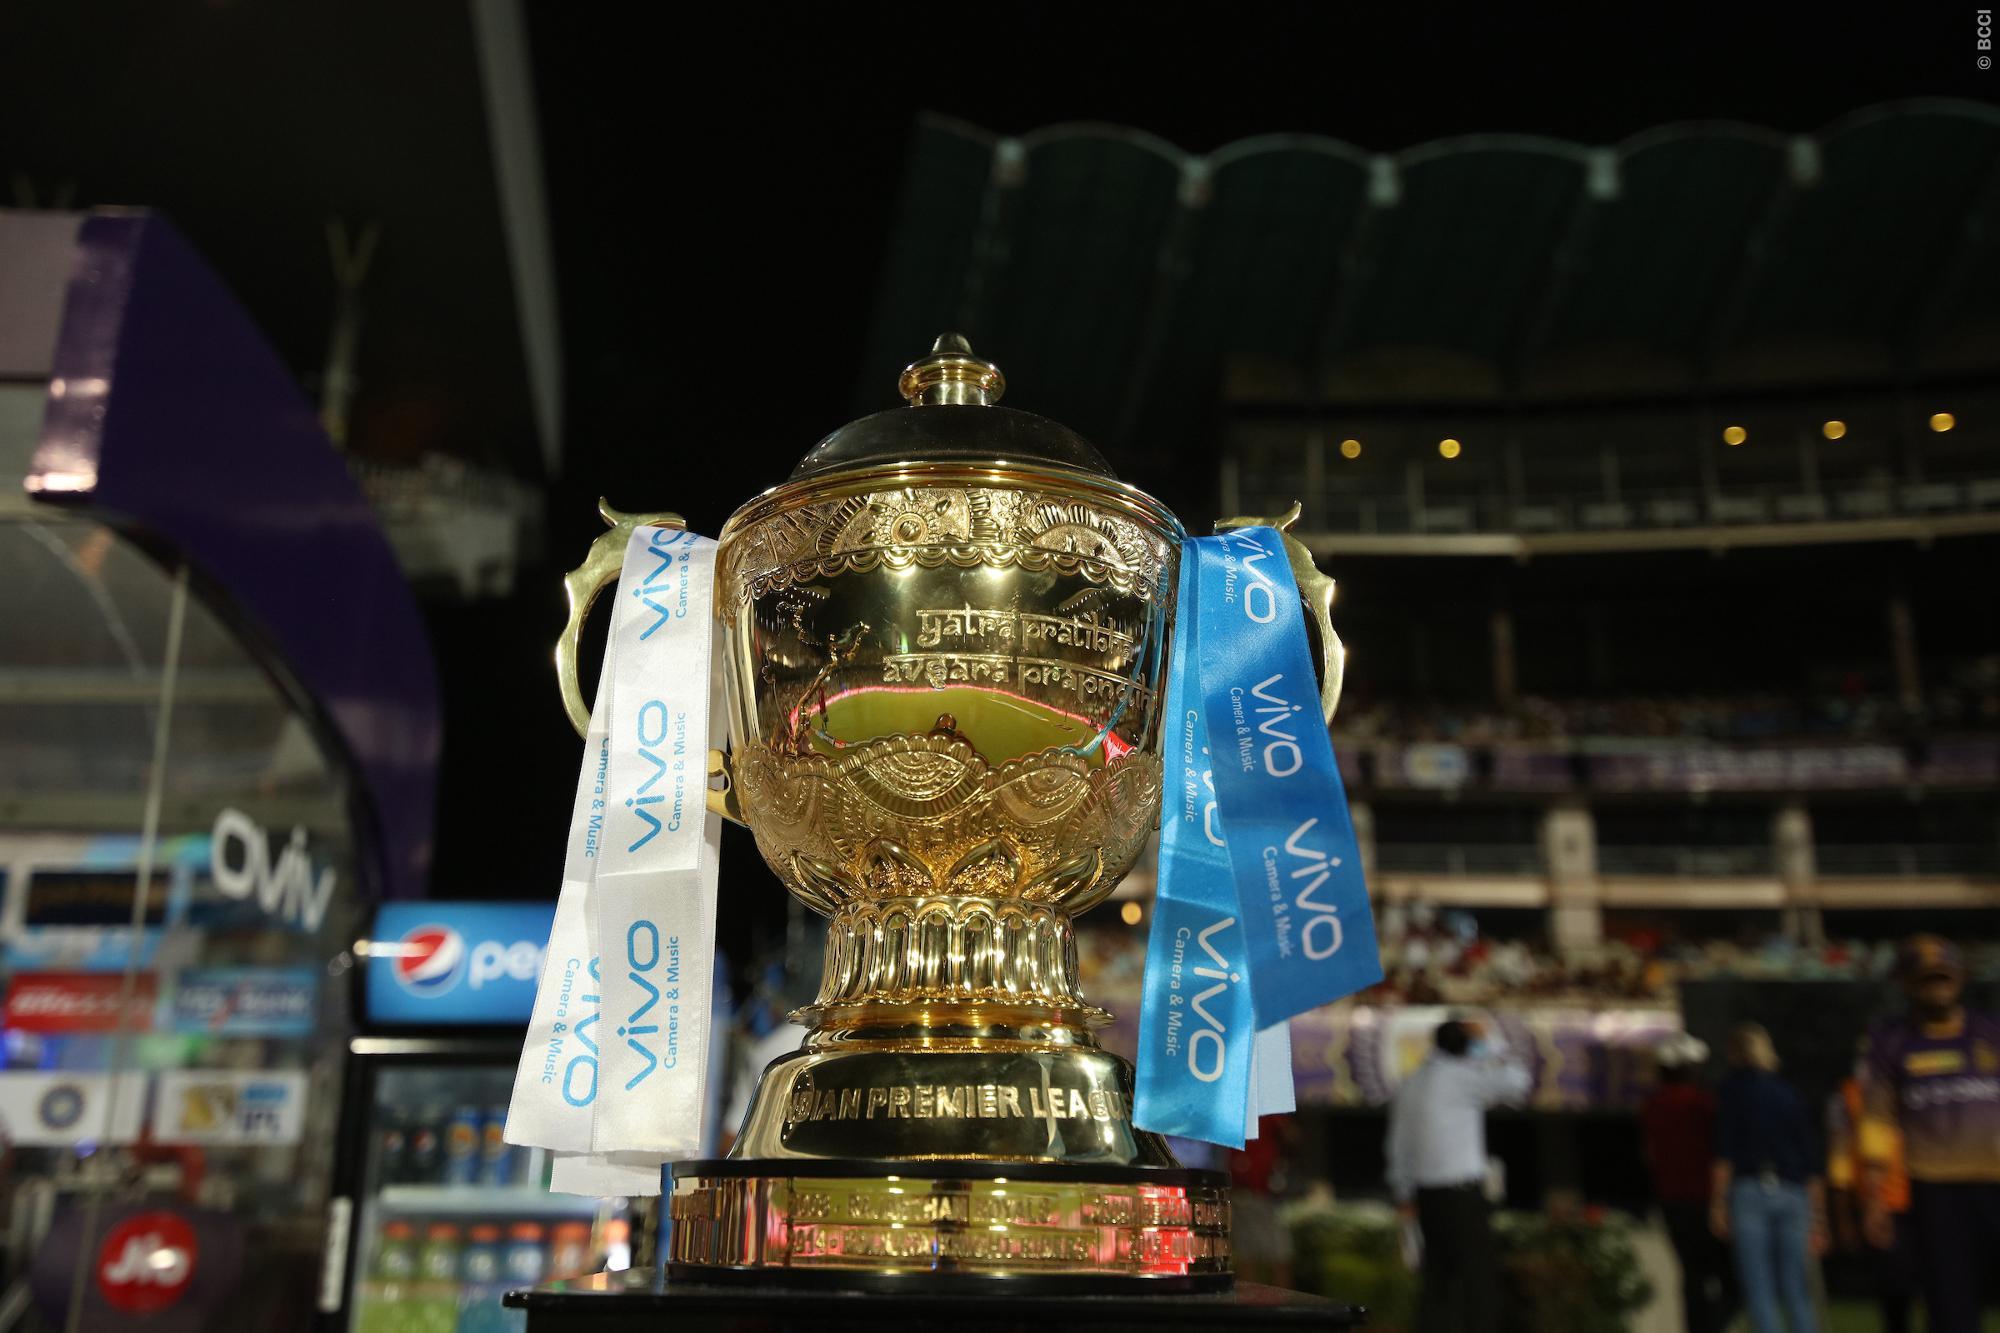 महाराष्ट्र के बाद, मध्य प्रदेश ने भी आईपीएल प्लेऑफ़ मैचों की मांग की